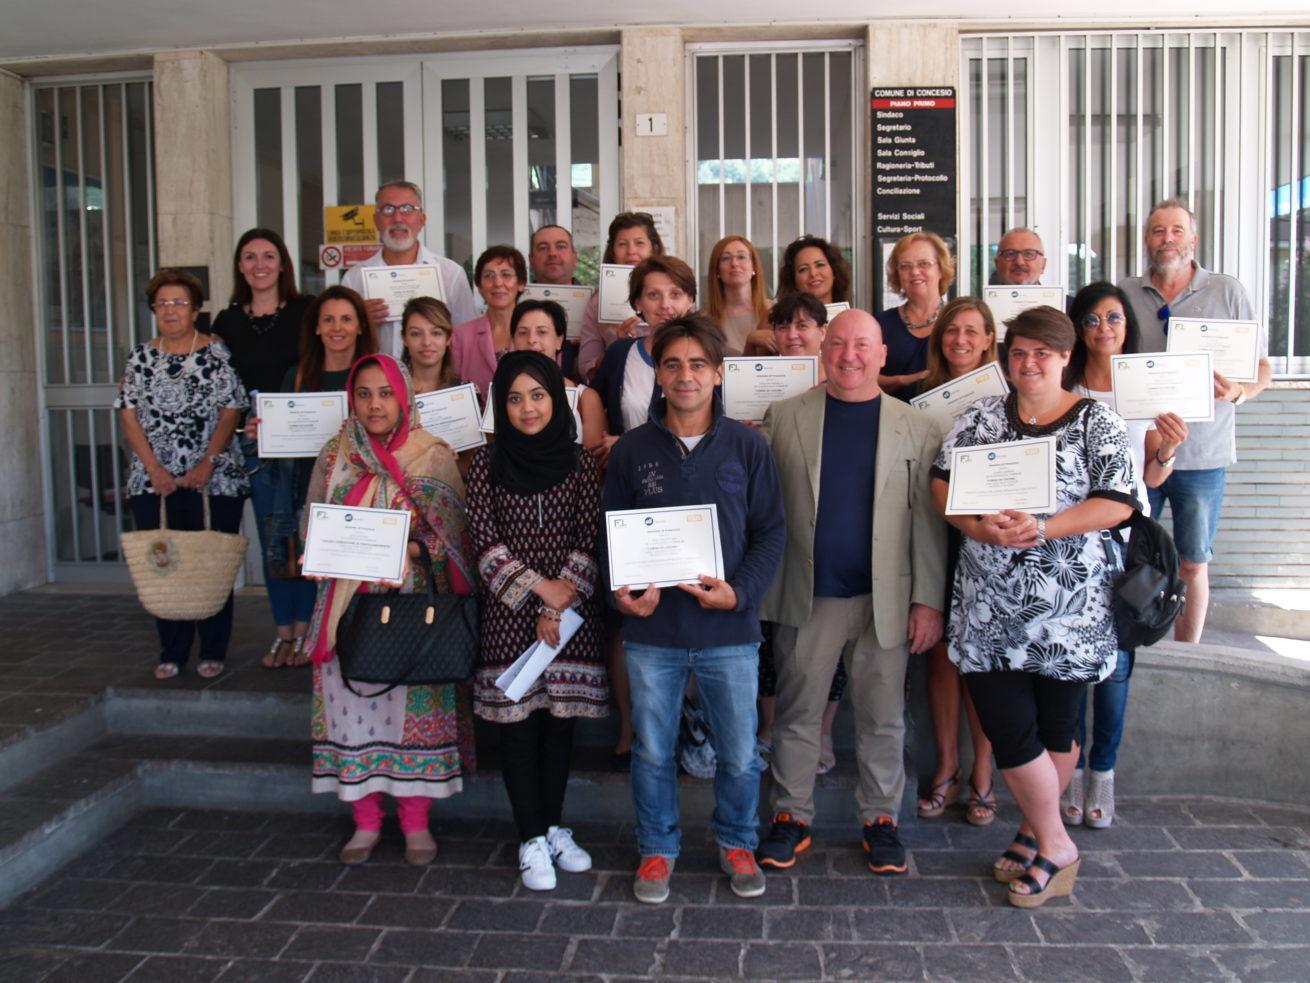 La consegna dei diplomi dei corsi di Fondazione Cesar